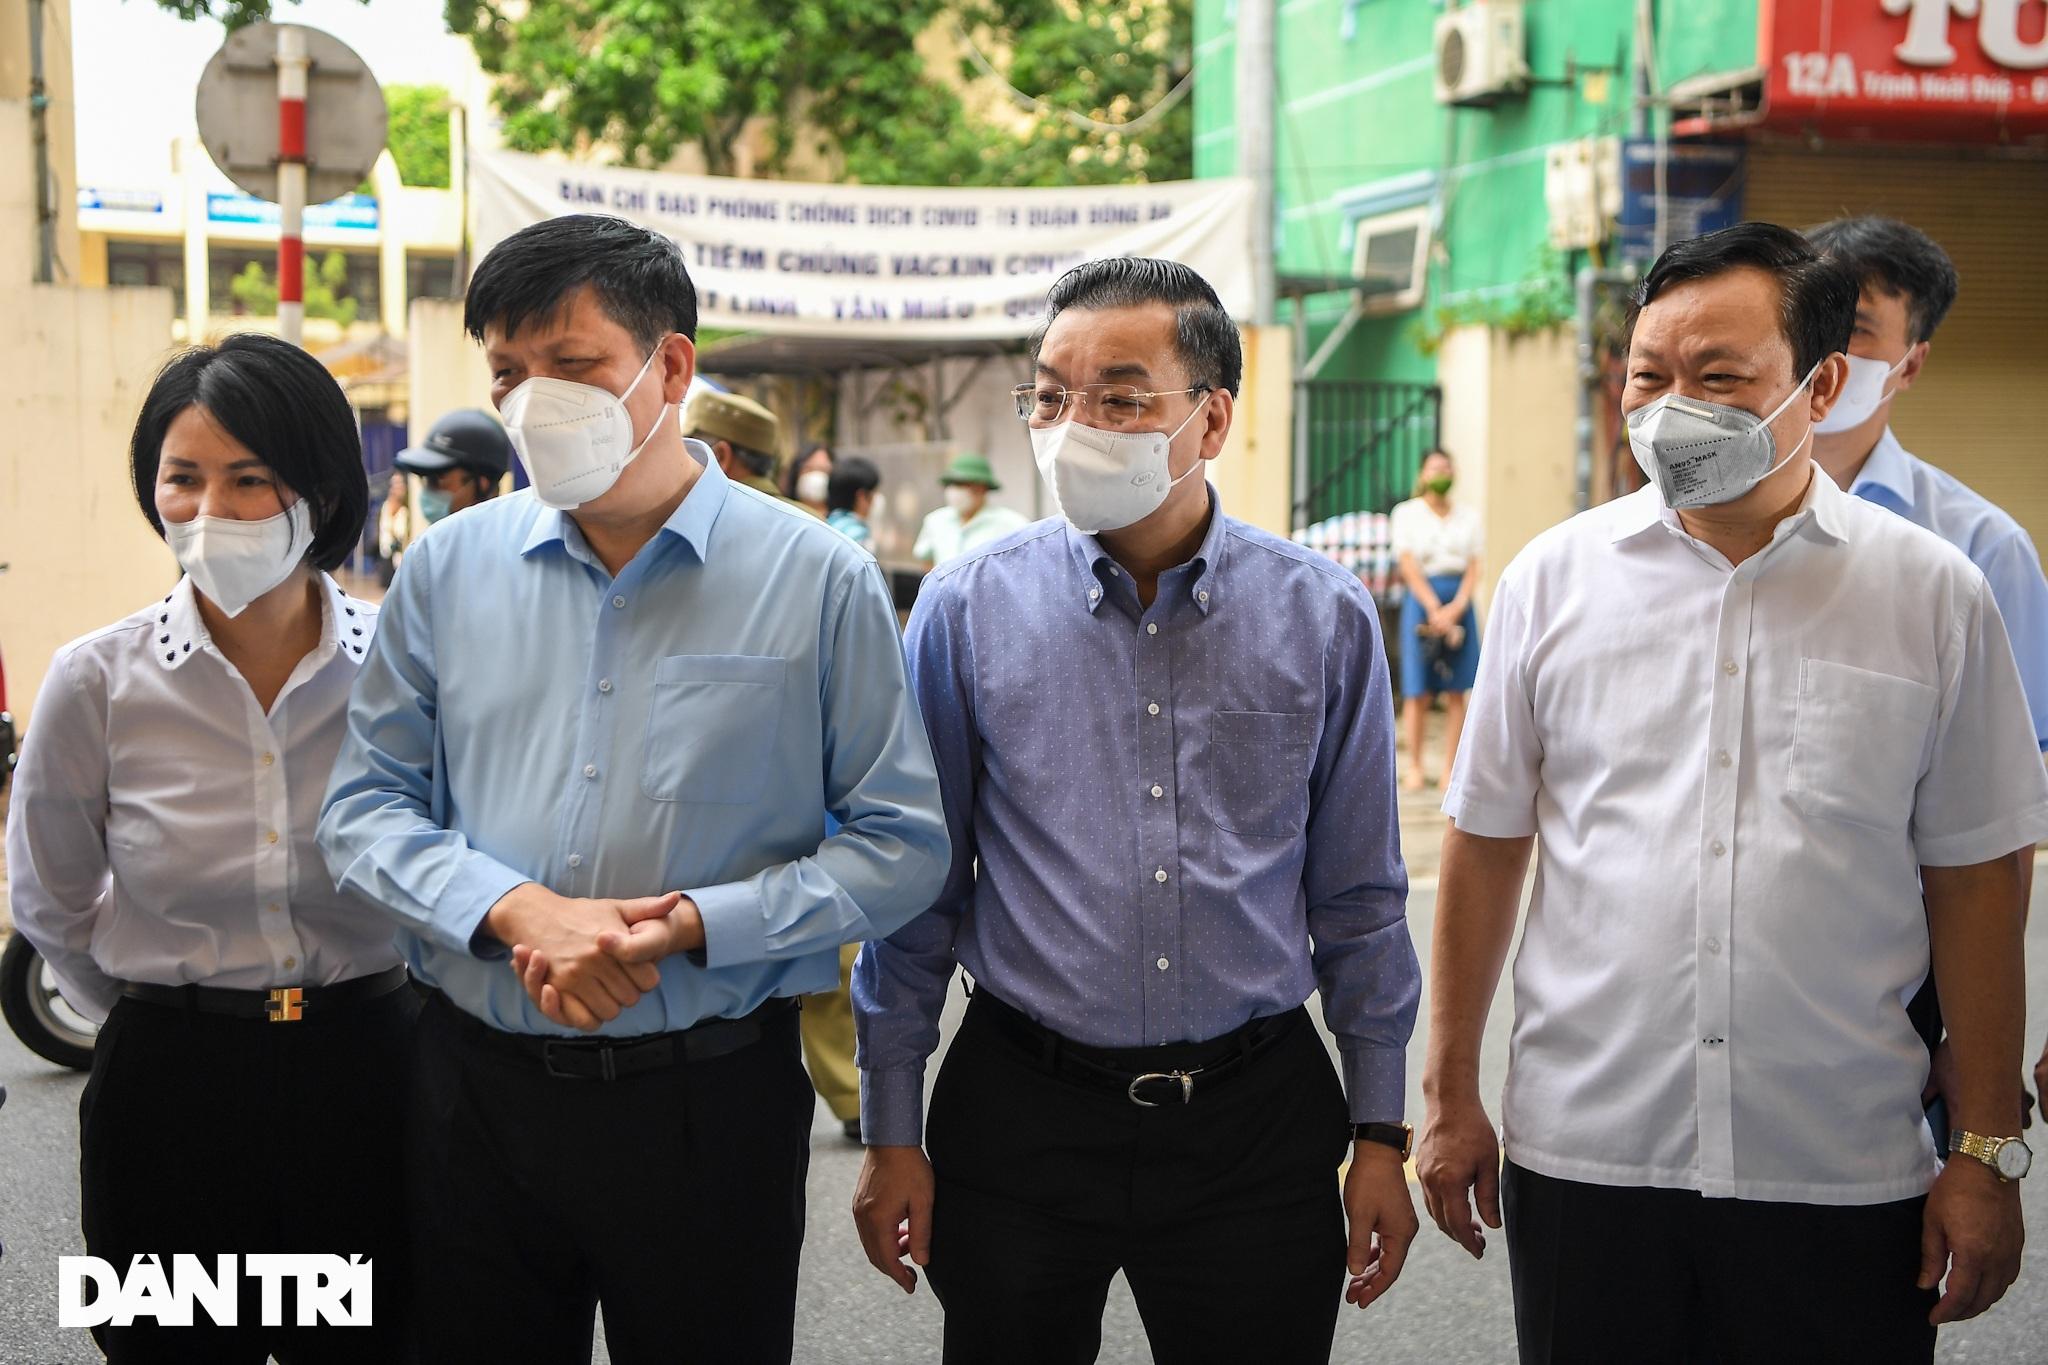 Ảnh: Toàn cảnh Chiến dịch truy vết và phủ vắc xin ngừa Covid-19 tại Hà Nội - 12